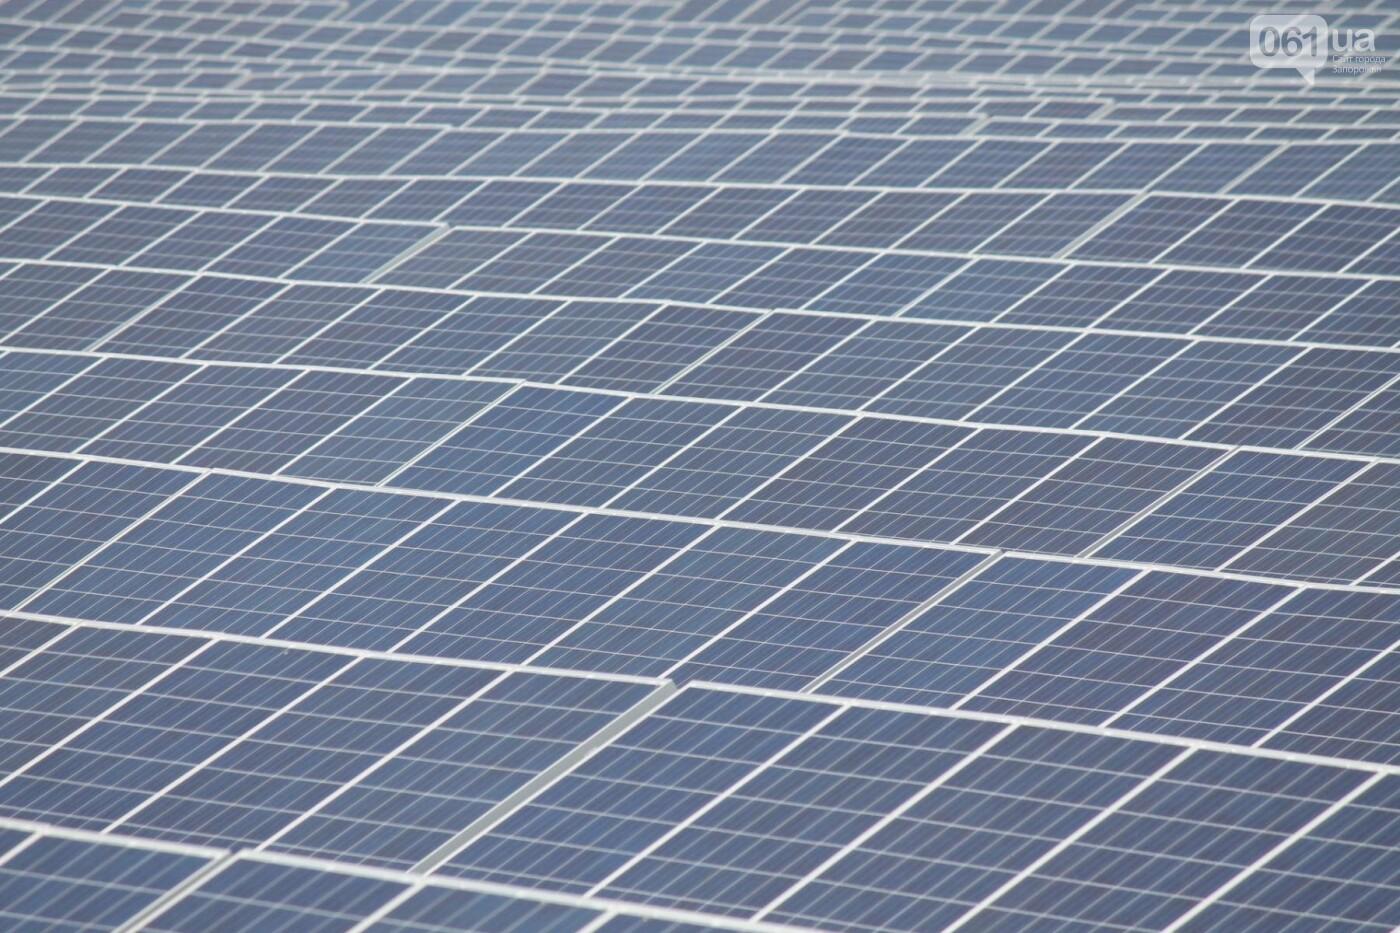 Как в Запорожской области работает крупнейшая в Украине солнечная станция: экскурсия на производство, — ФОТОРЕПОРТАЖ, фото-3